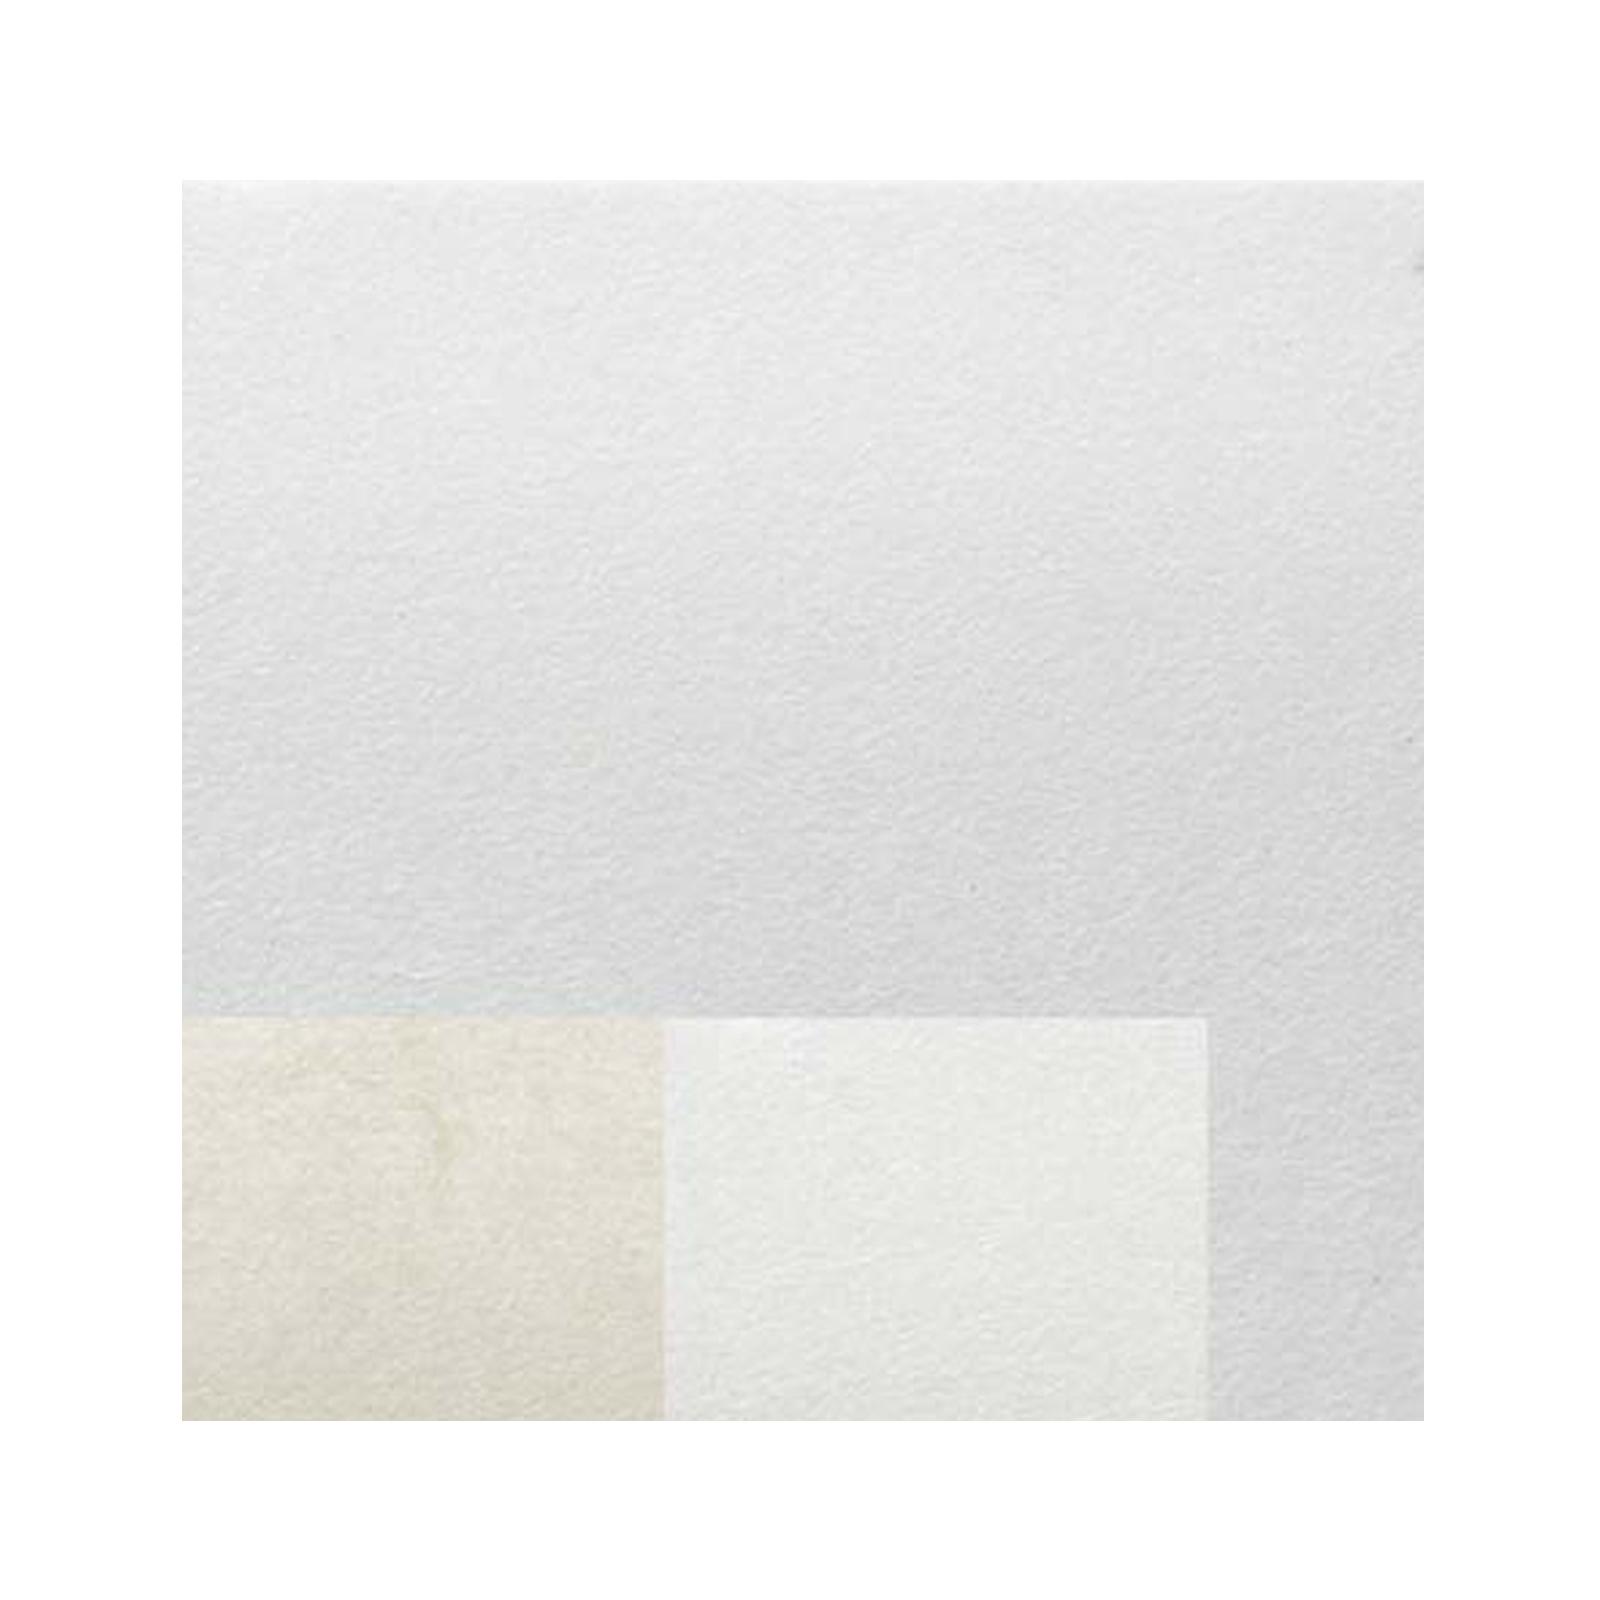 Awagami Minigeishi 45GSM 25X37 White